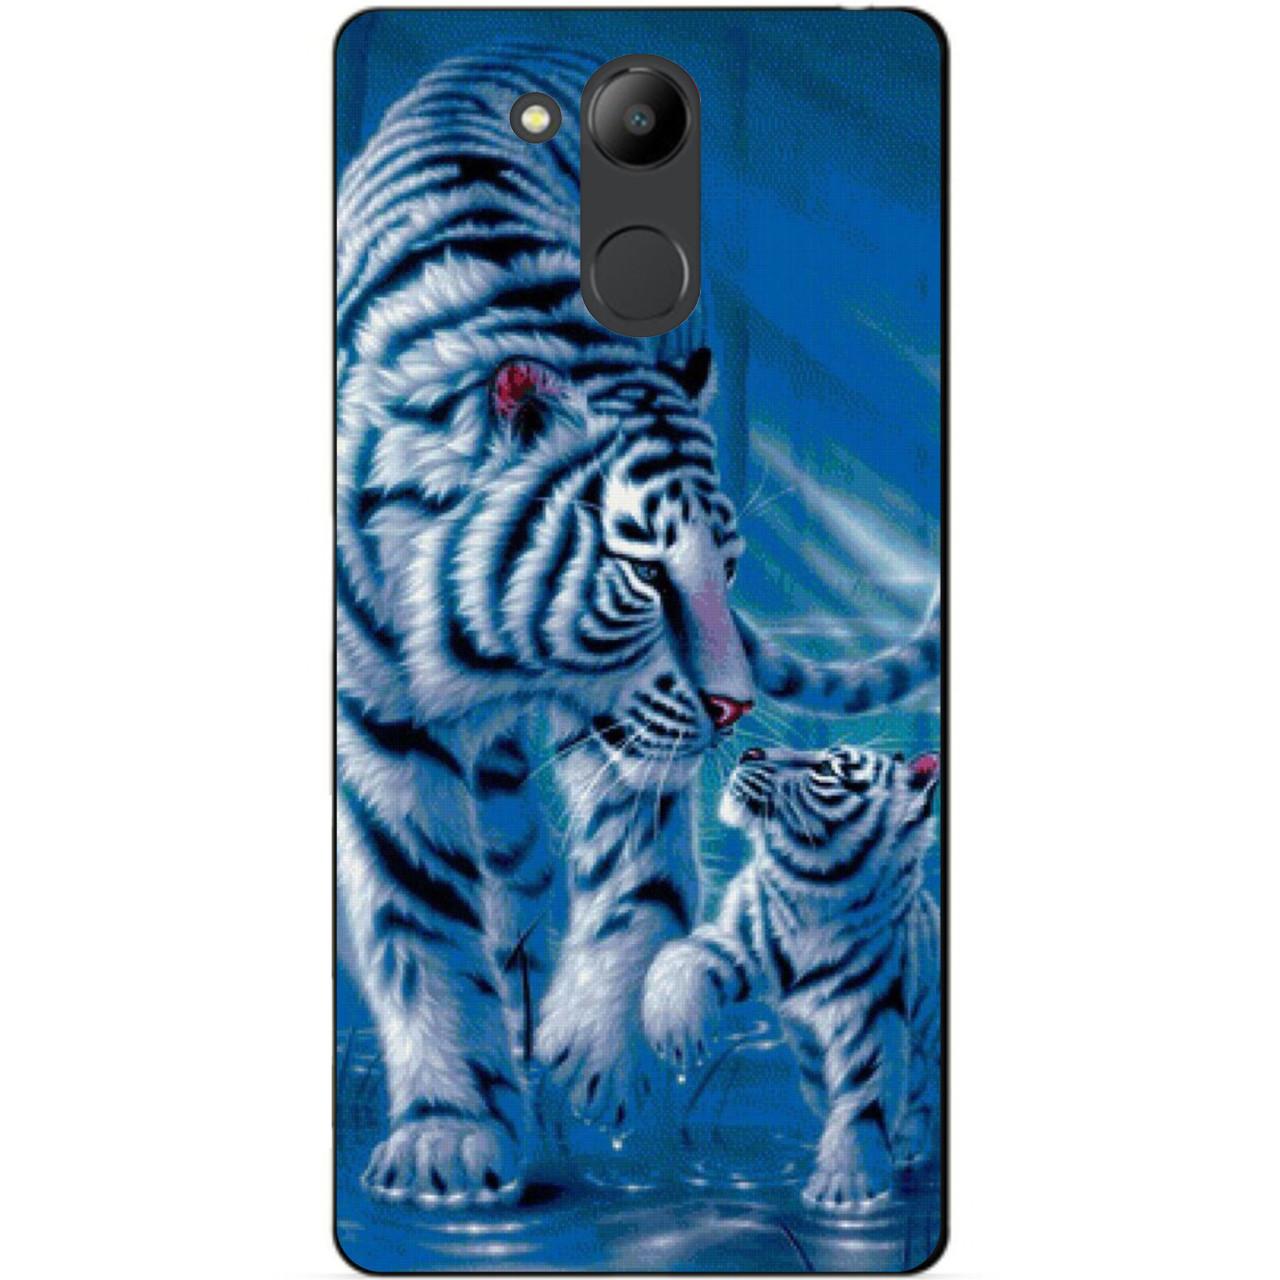 Чехол силиконовый бампер для Huawei Honor 6с Pro с рисунком Тигры